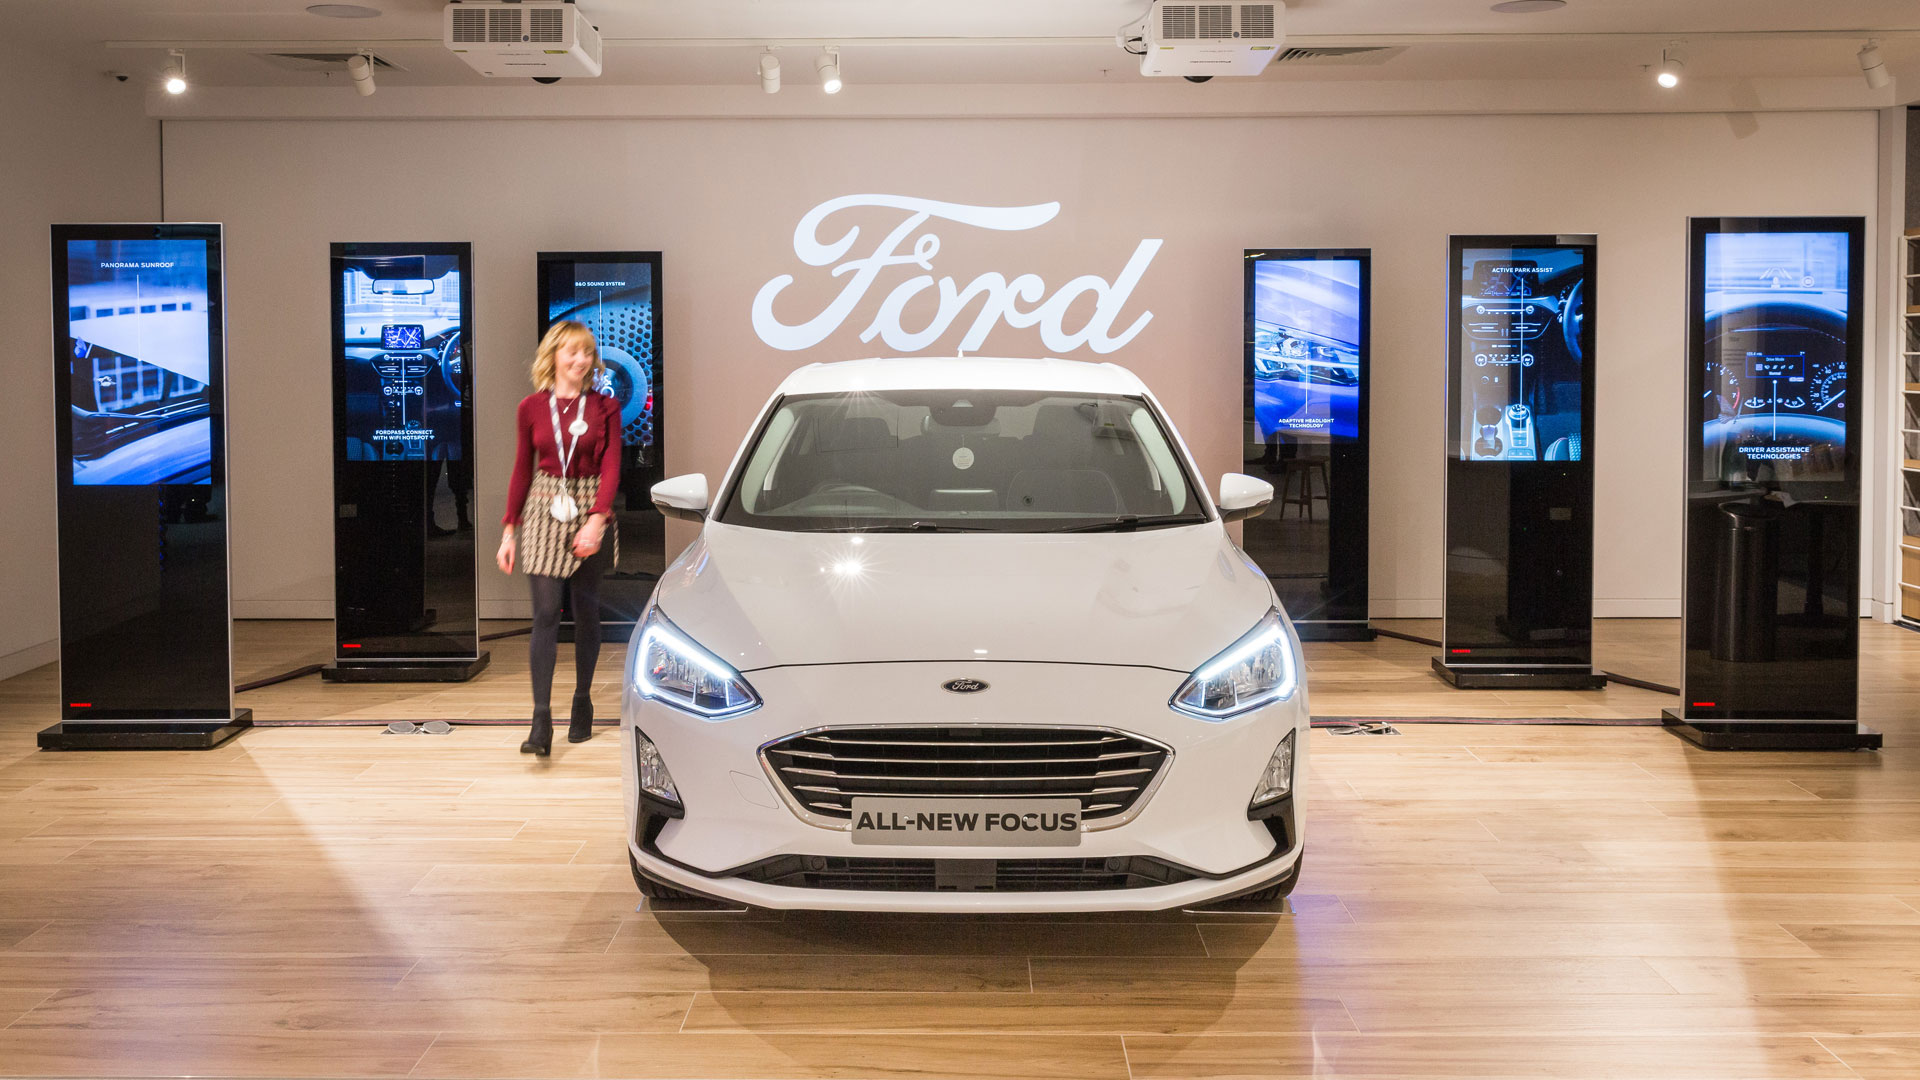 Ford dealer showroom